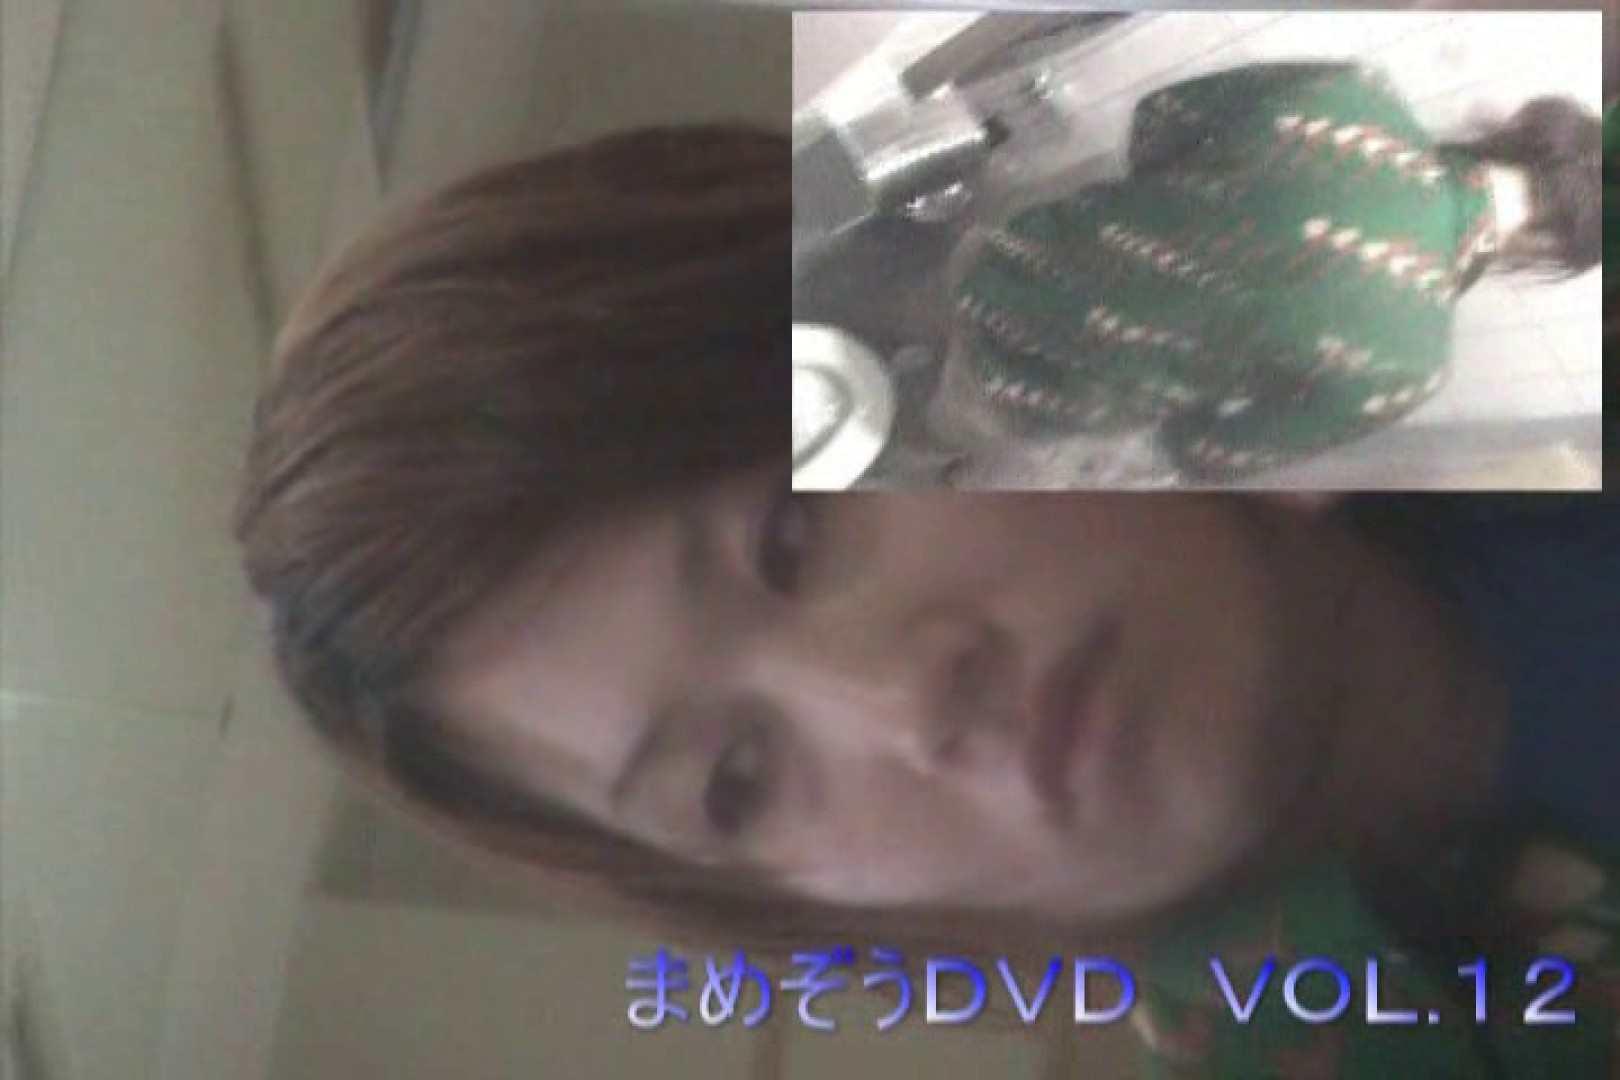 まめぞうDVD完全版VOL.12 OL   ギャル・コレクション  63連発 19